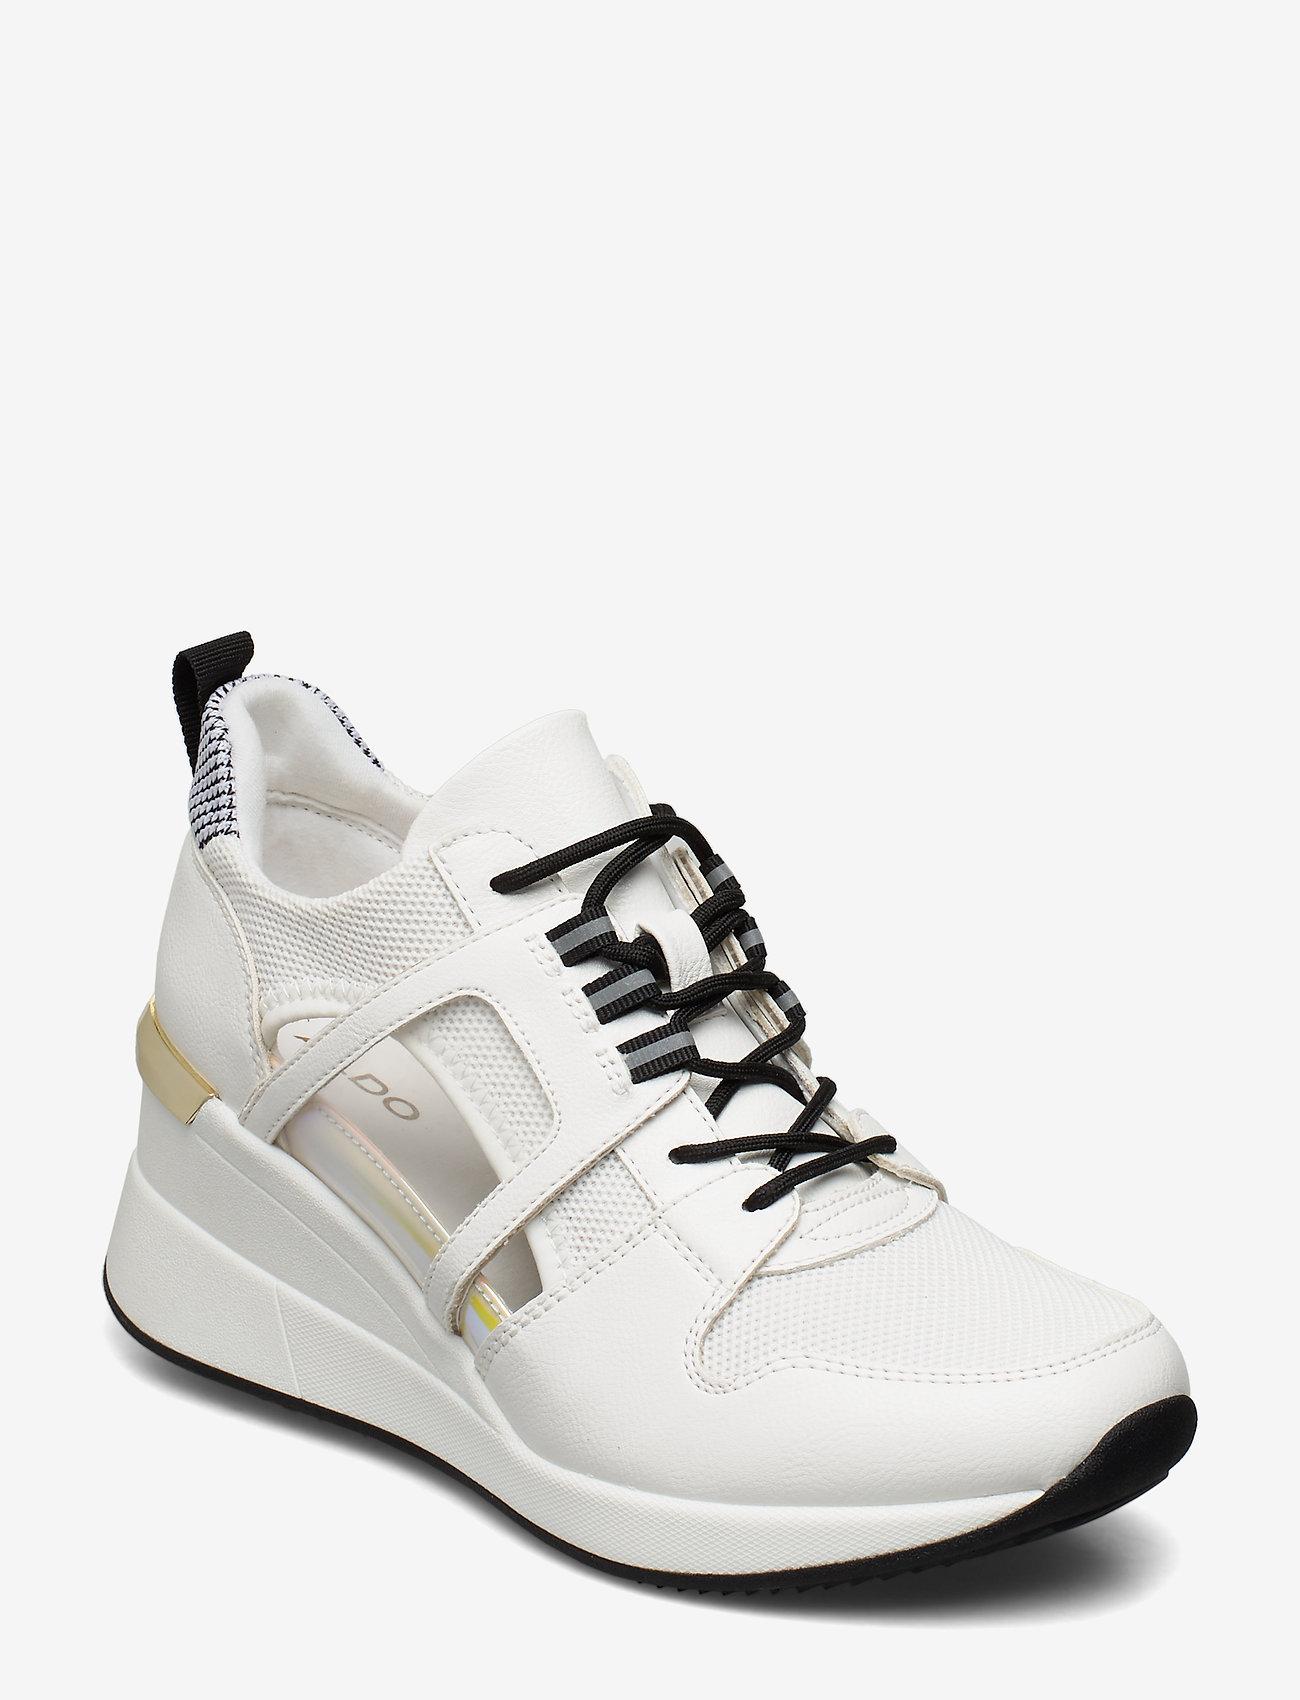 Hvite ALDO Sneakers | Sko til Dame | Sneakers og sko på nett